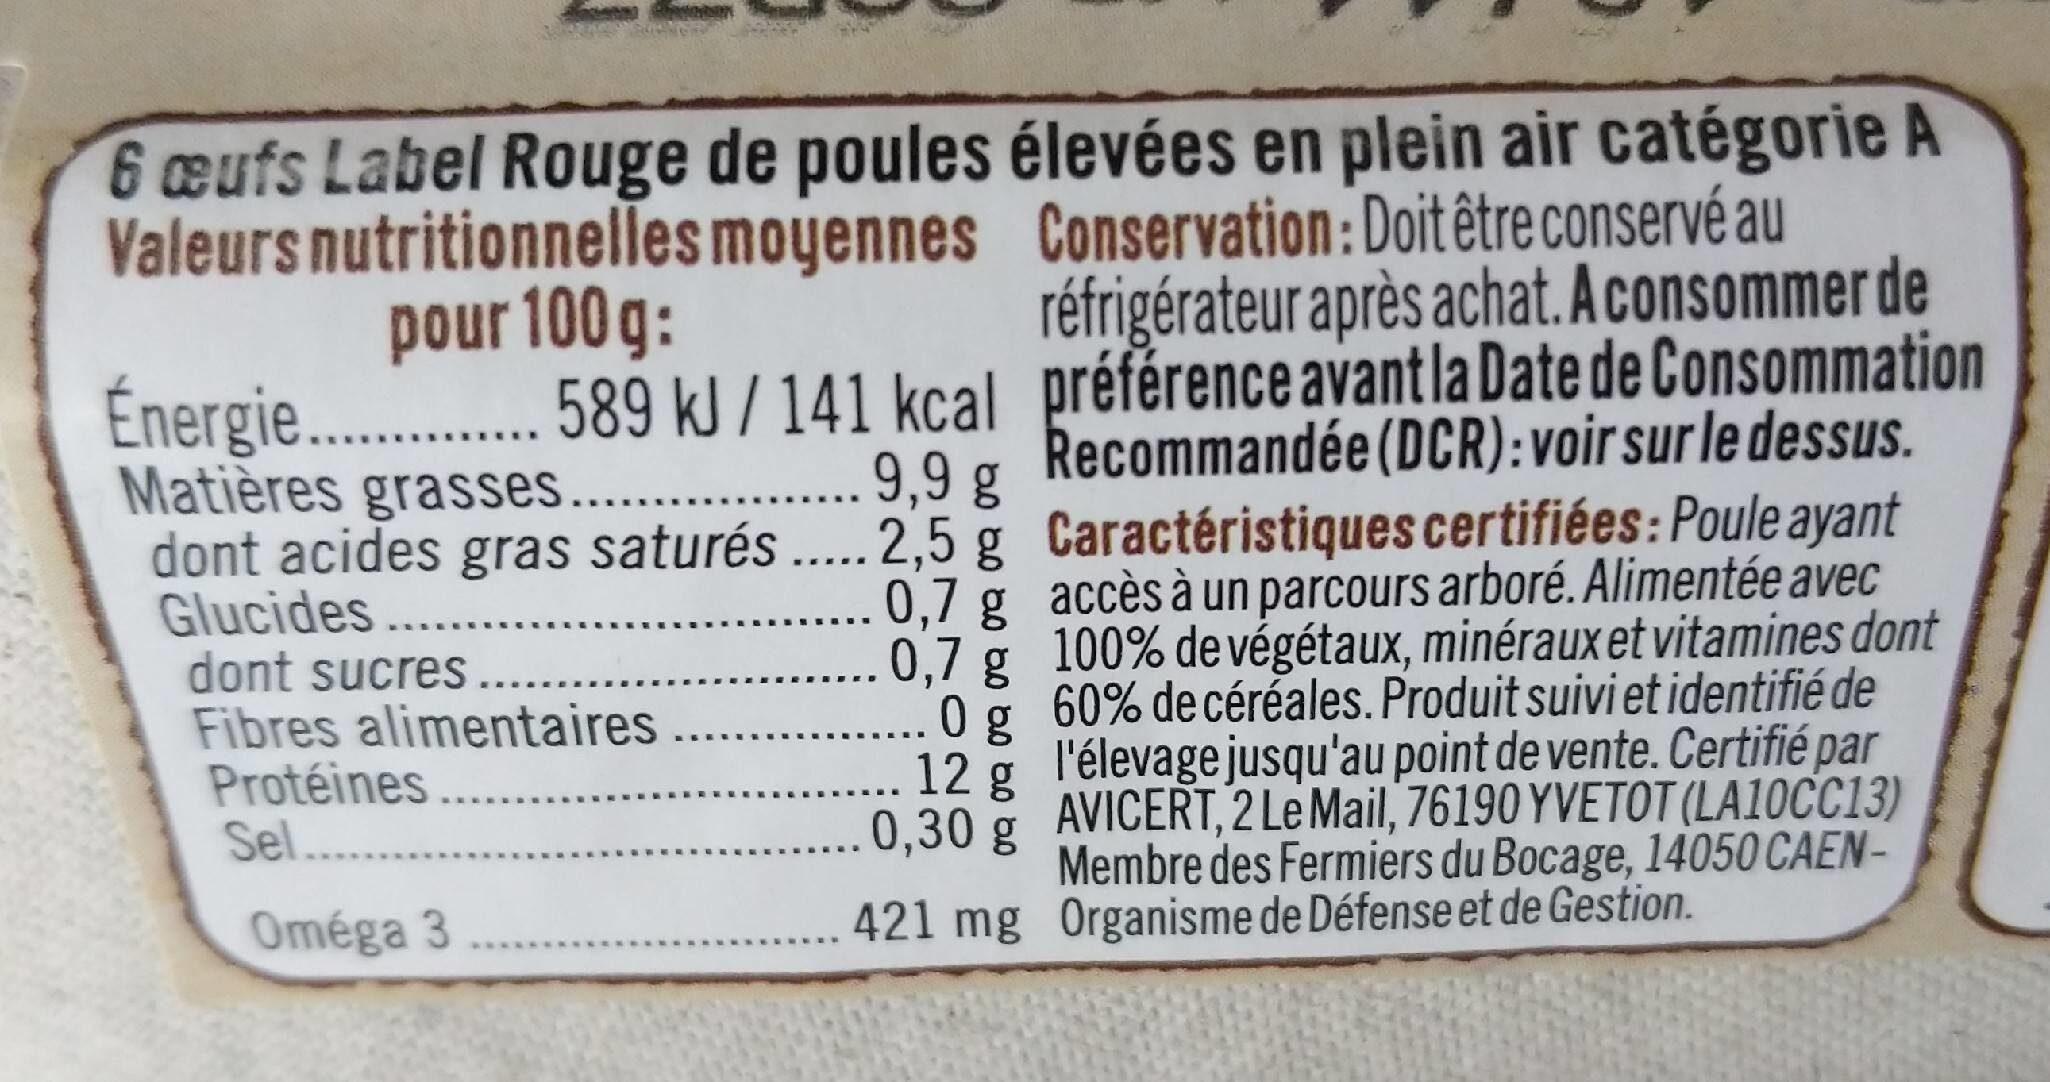 Oeufs de poules plein air Label Rouge calibre mixte bleu blanc coeur - Informations nutritionnelles - fr